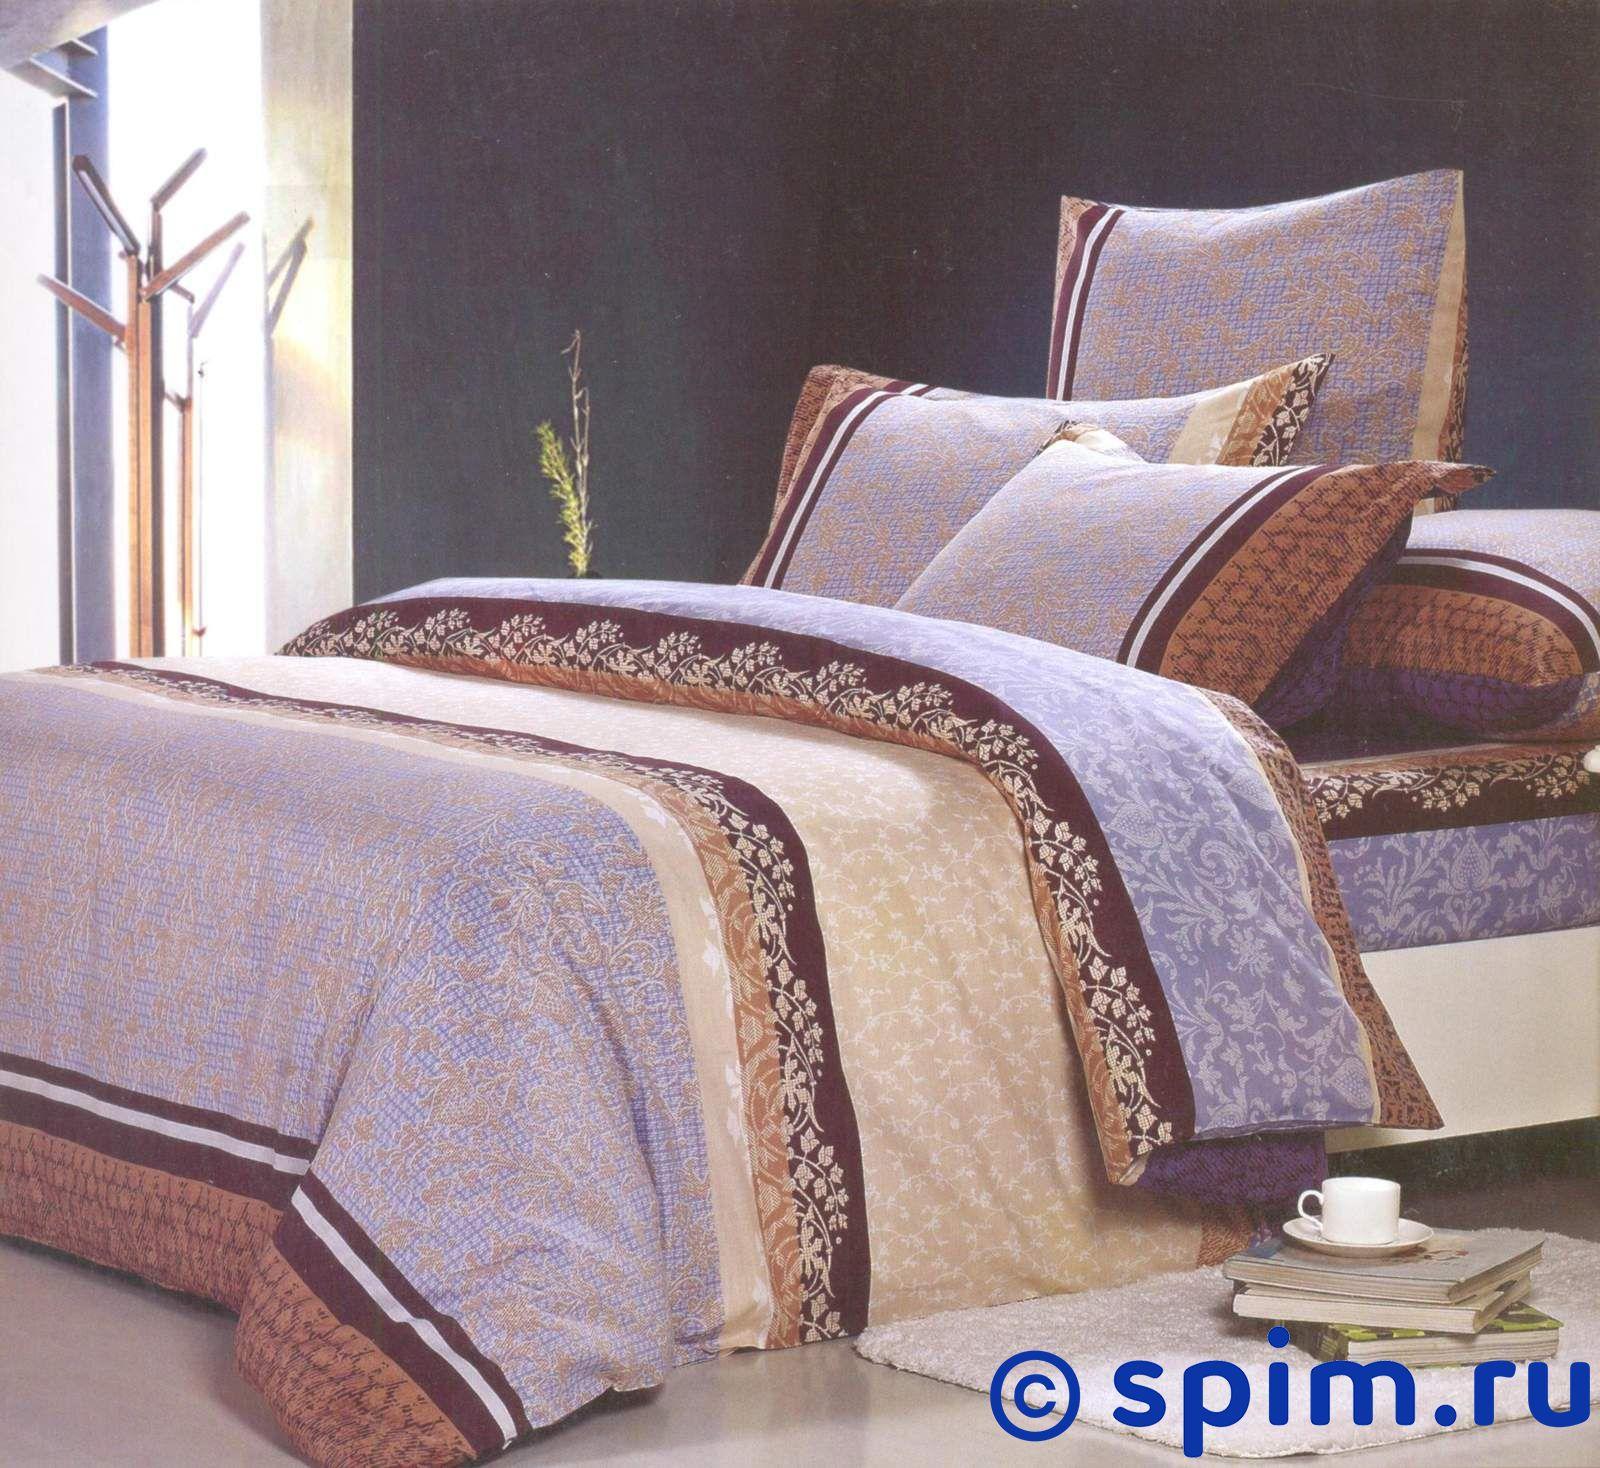 Комплект СайлиД А156 Евро-стандартПостельное белье СайлиД<br>Материал: 100% хлопок (поплин). Плотность, г/м2: 125. Размер : Евро-стандарт<br><br>Размер: Евро-стандарт